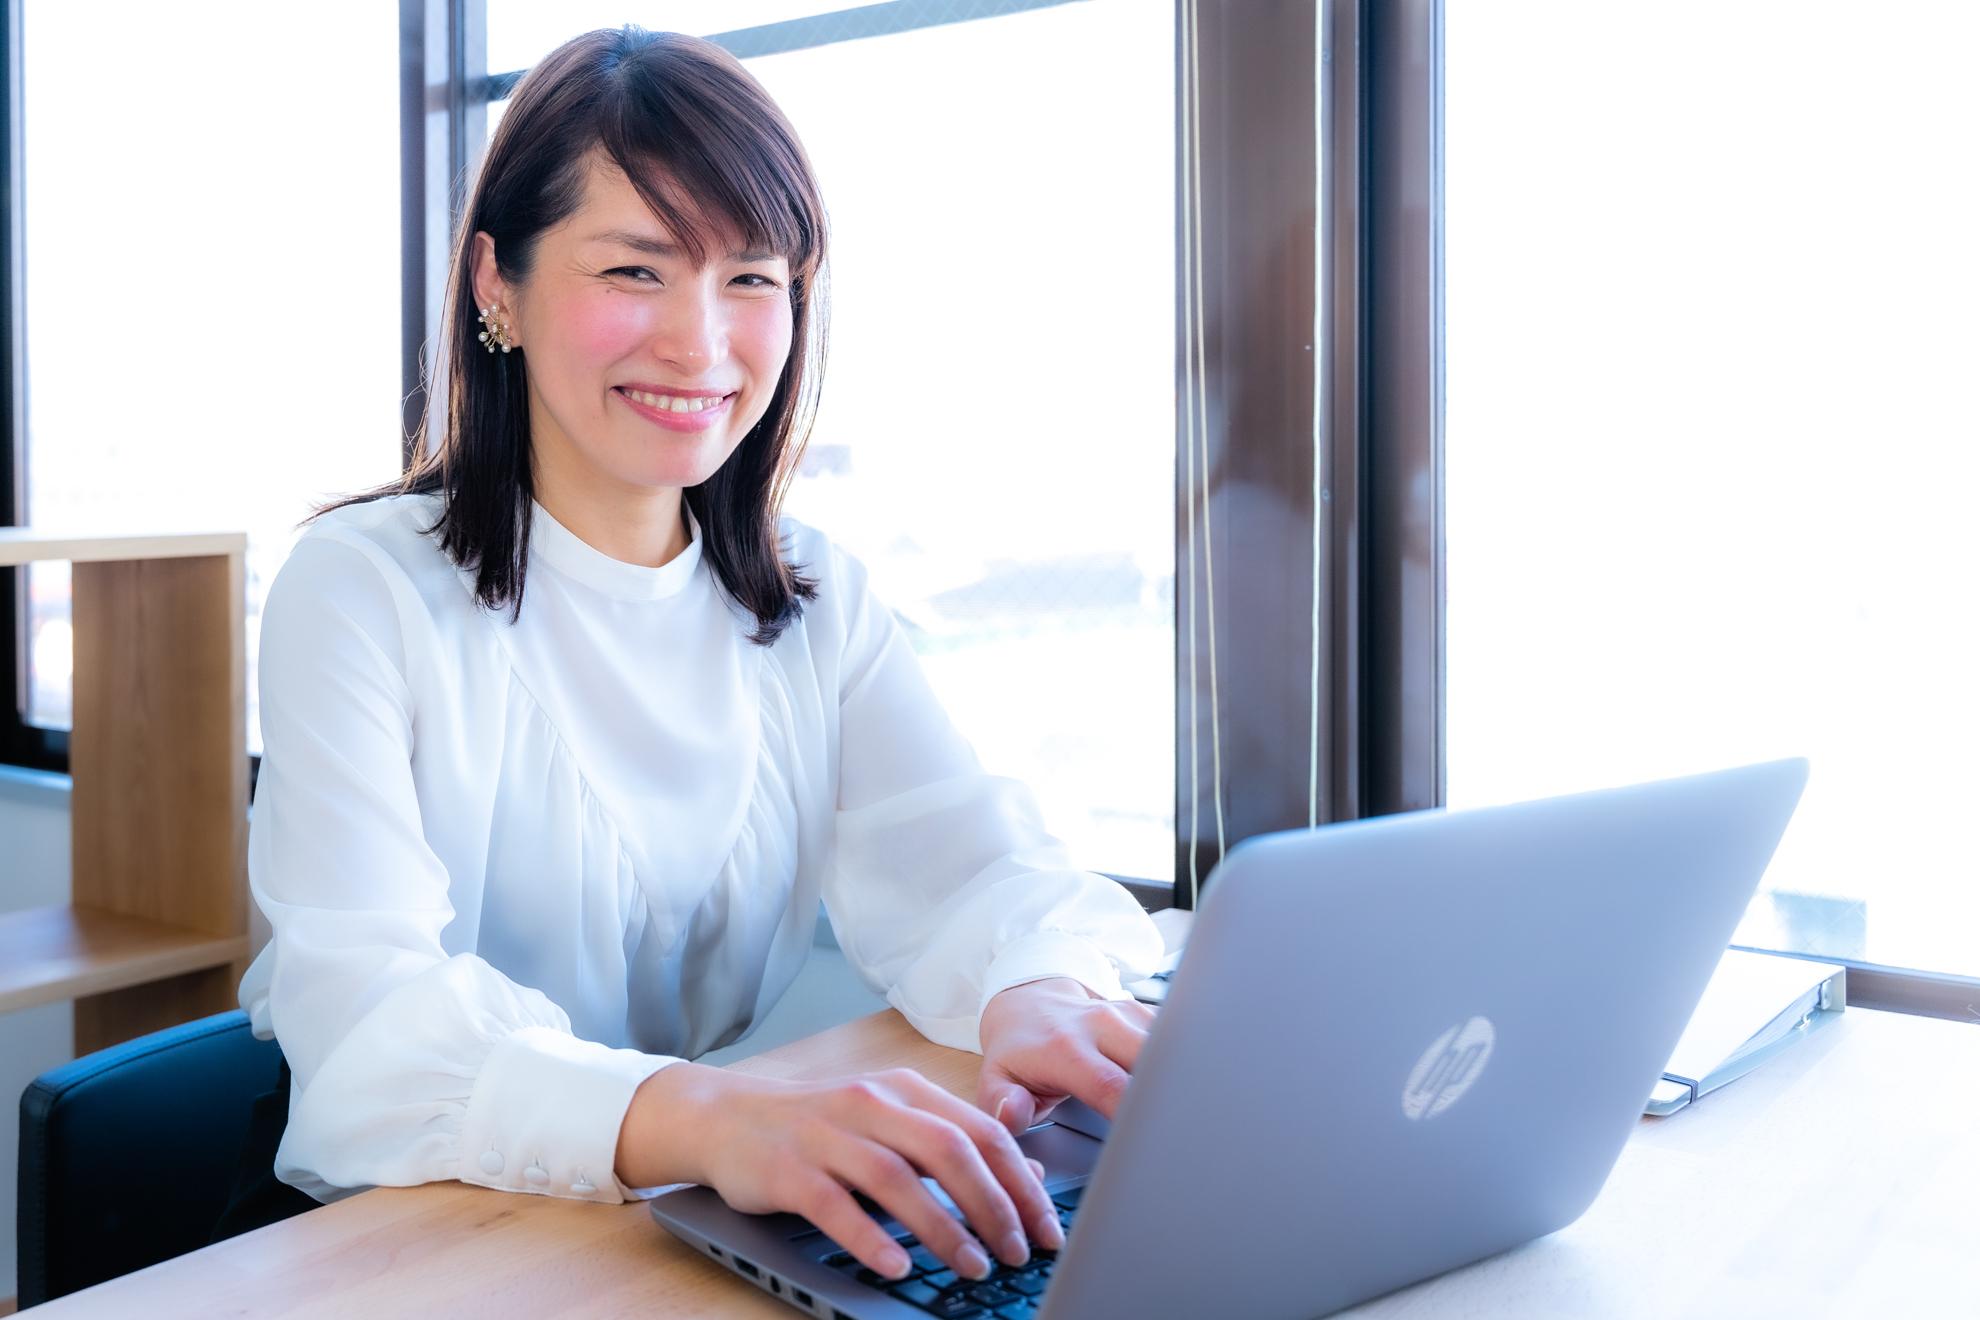 ケイリーパートナーズの鷲谷恭子さんの写真